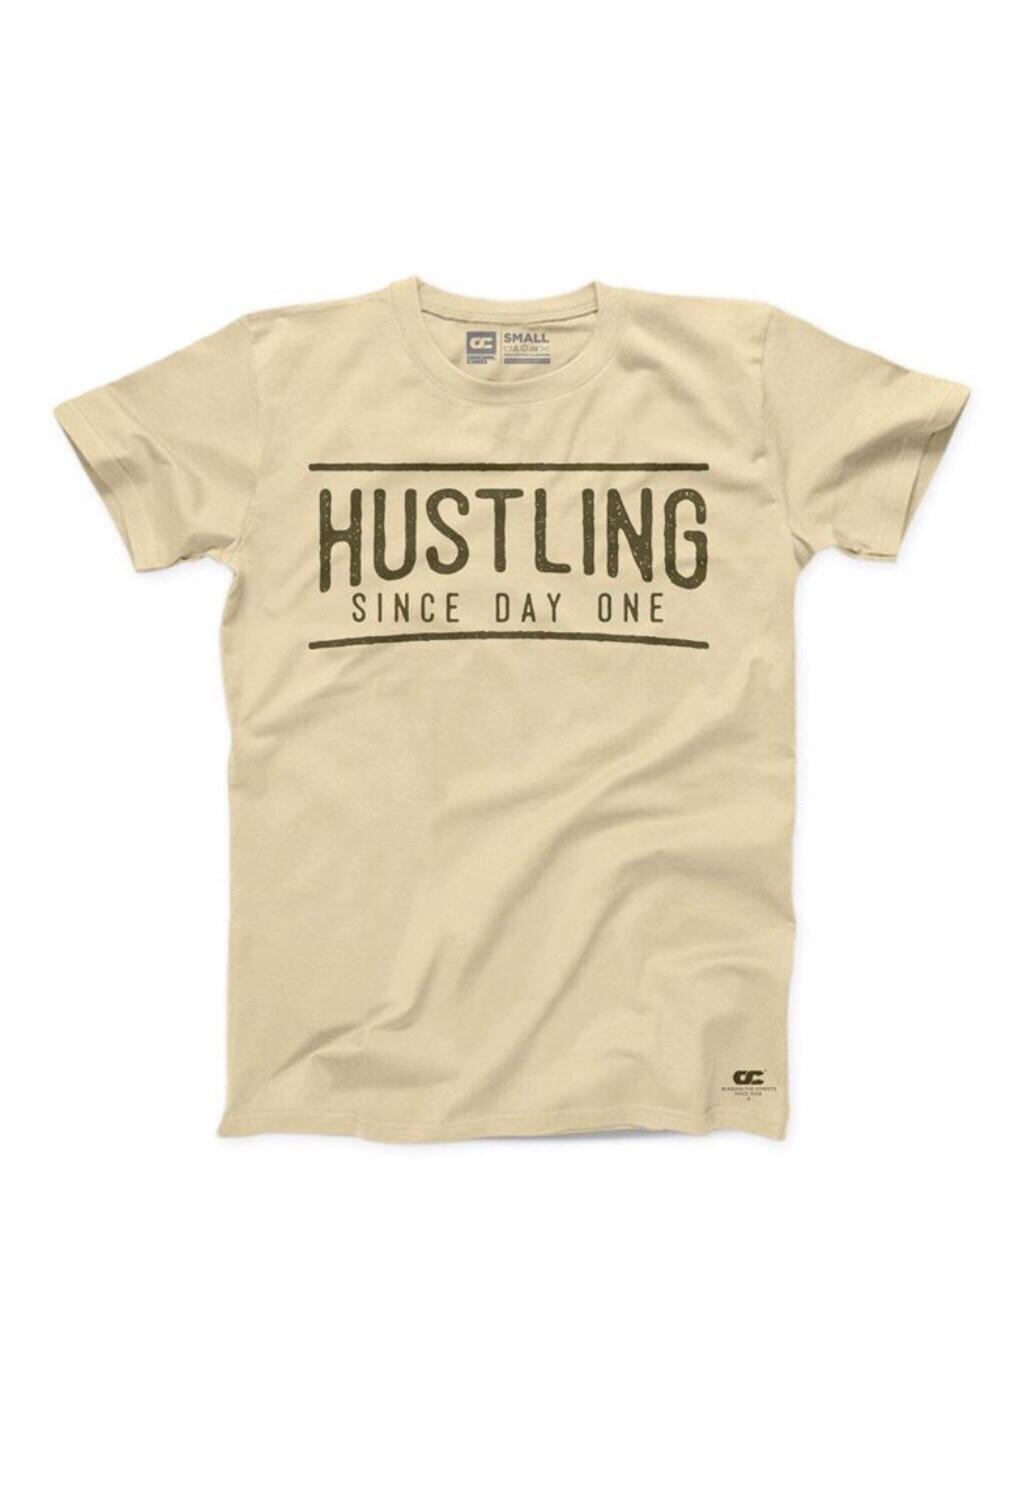 OC HUSTLING TEE